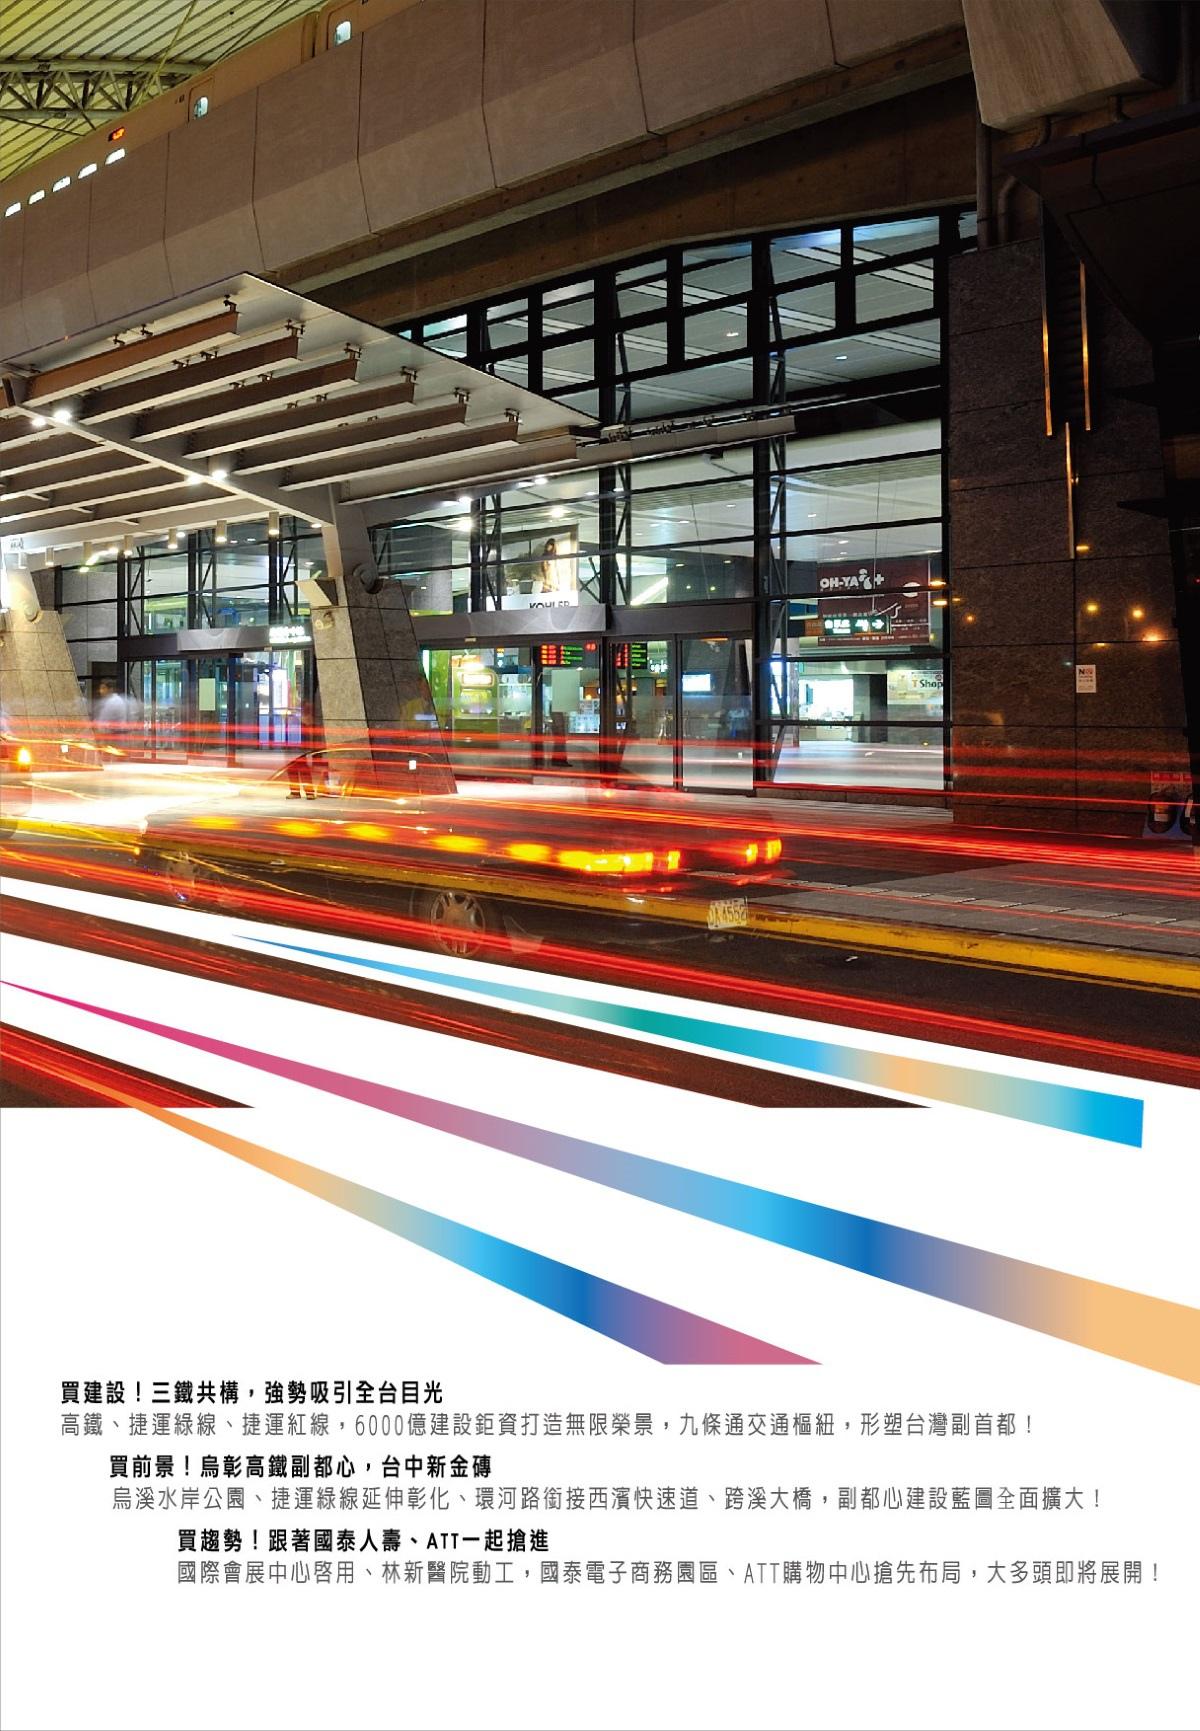 [烏日高鐵] 富旺.世界之翼(大樓)2015-07-14 003